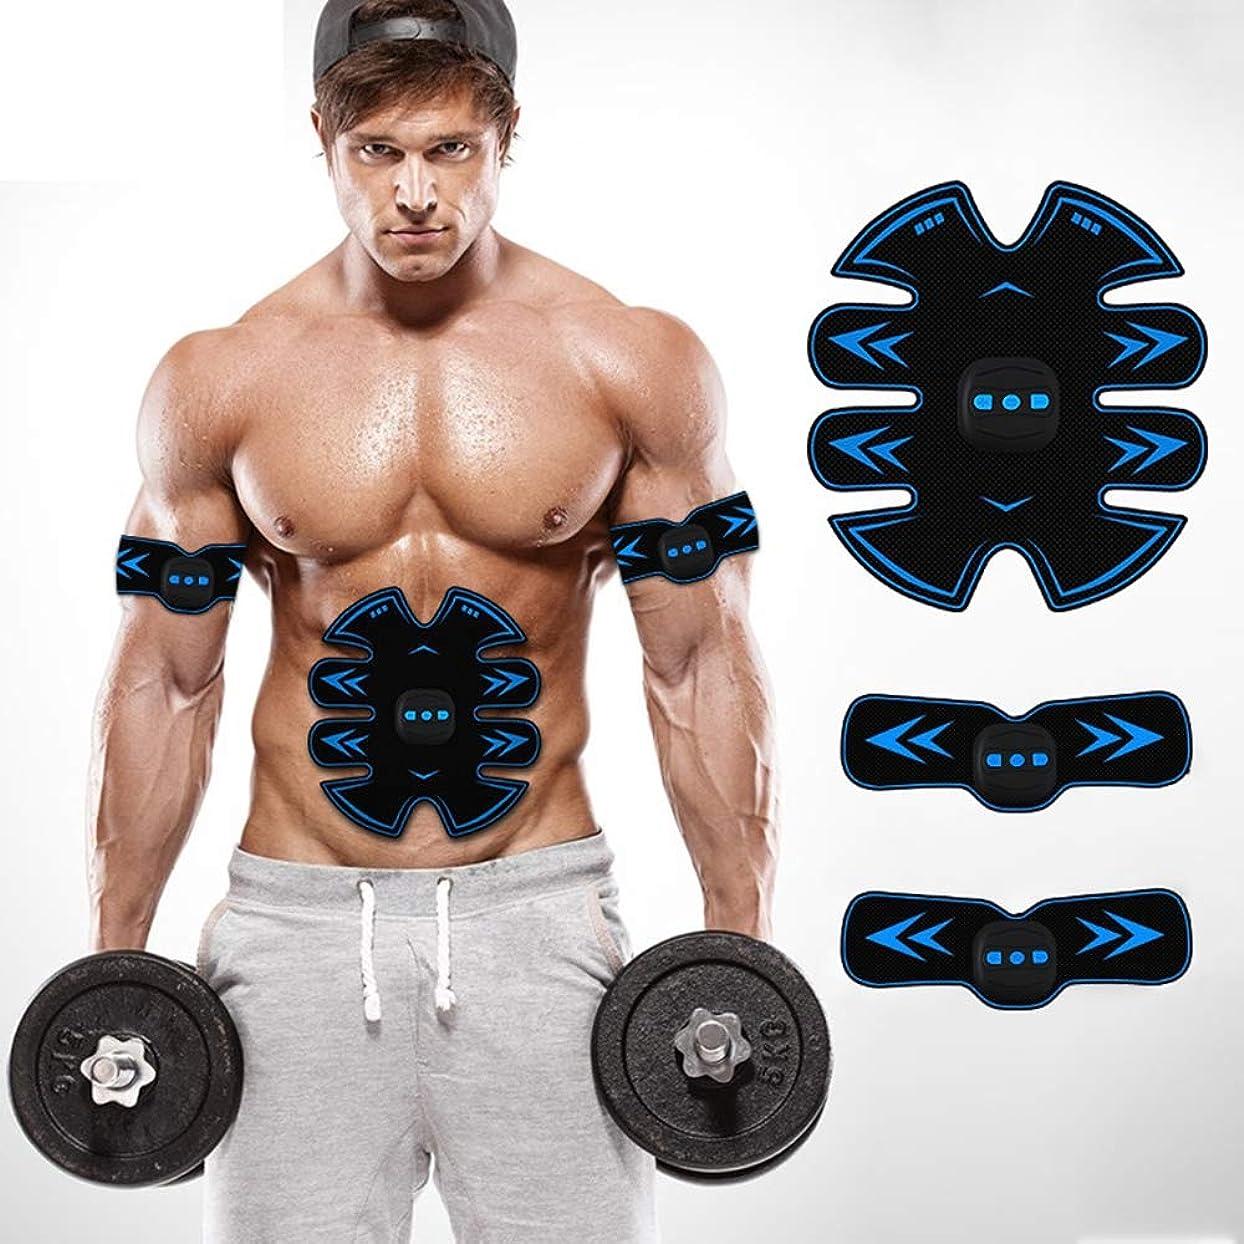 少ないクラス傷つきやすいスマートUSB電気腹部機器ワイヤレスEMS筋肉刺激装置ウエスト減量マシン男性と女性の運動腹筋トレーニングフィットネス機器,Blue